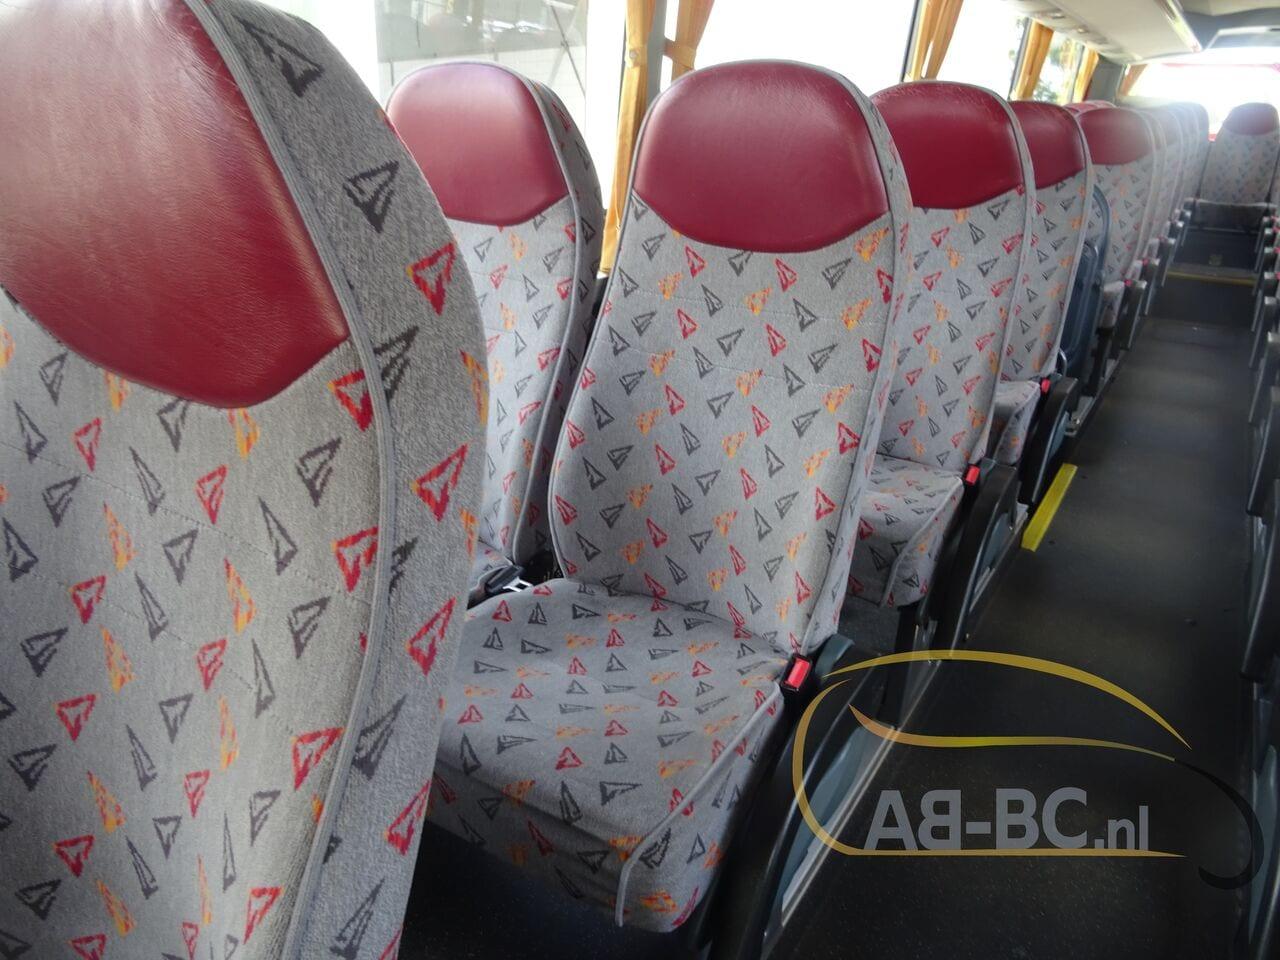 coach-busTEMSA-Safari-RD-DAF-Motor-53-Seats-Euro-5---1623932540470584169_big_93d5a4c8eed49e24a107ef83466e94e4--21061715155620919600